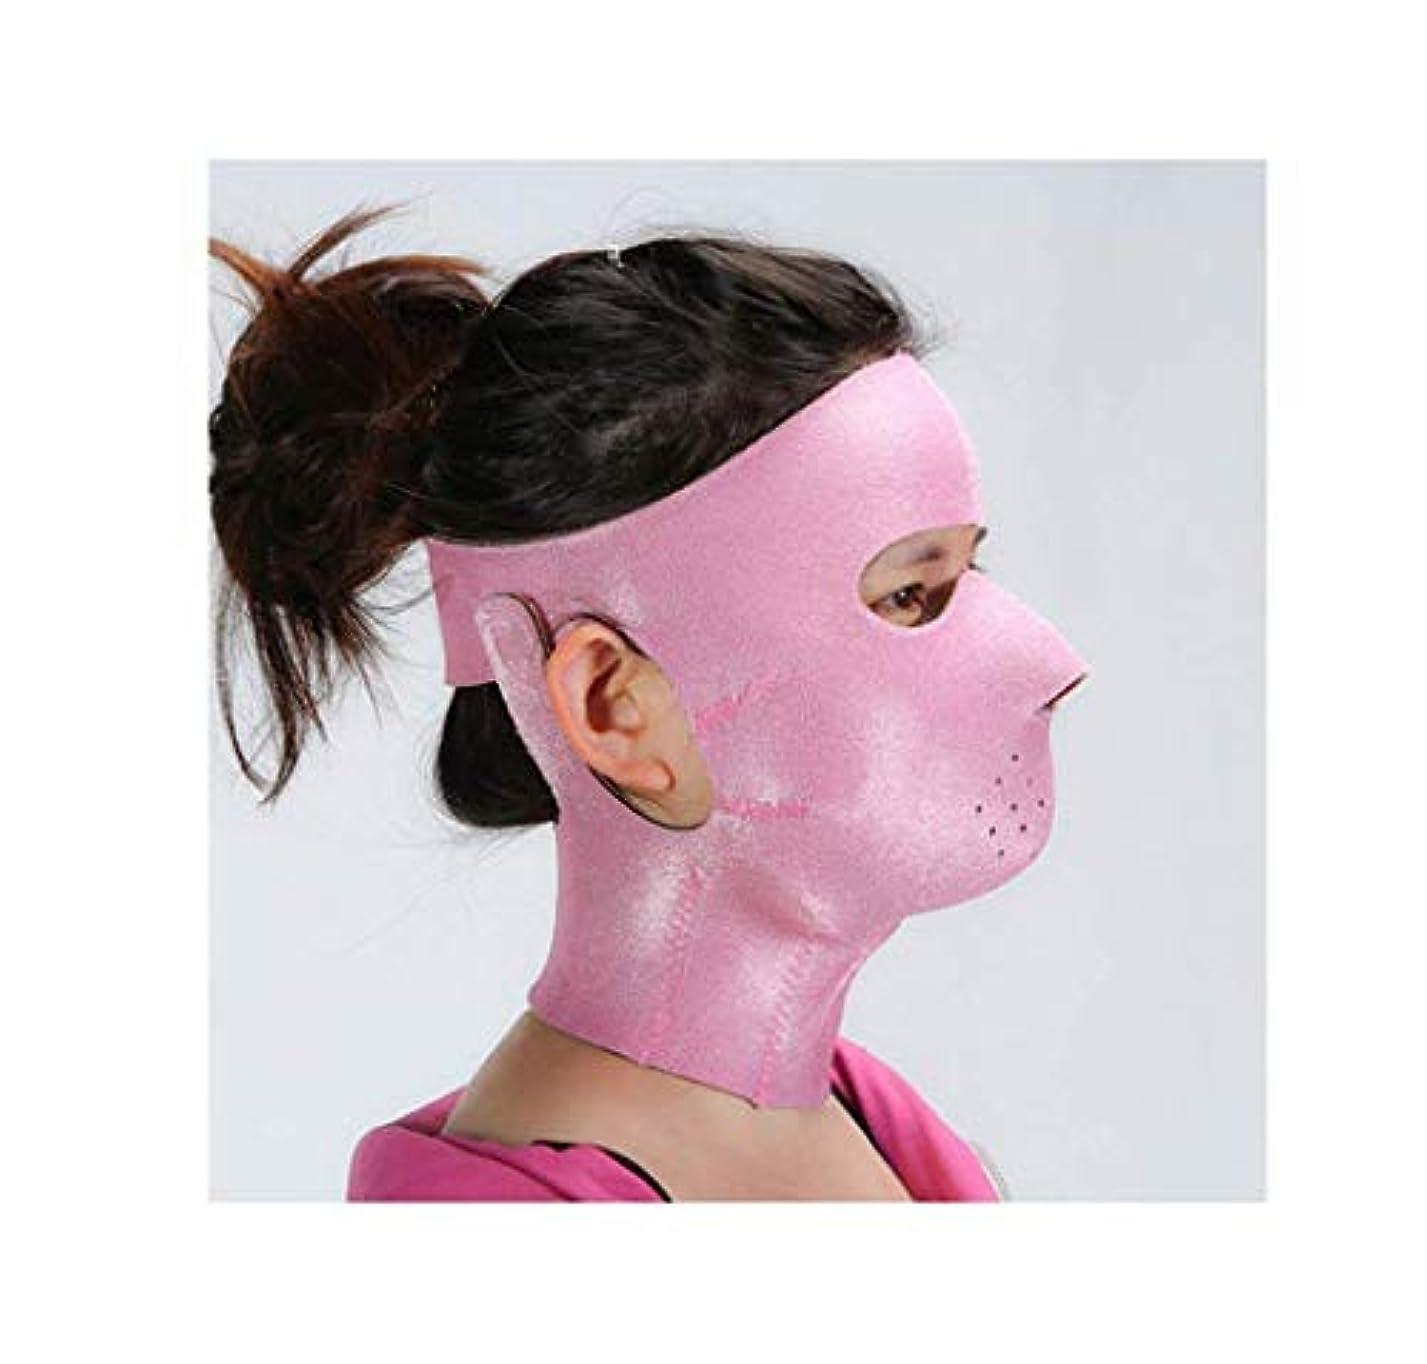 紳士気取りの、きざなみすぼらしい放出フェイスリフトマスク、フェイシャルマスクプラス薄いフェイスマスクタイトなたるみの薄いフェイスマスクフェイシャル薄いフェイスマスクアーティファクトビューティーネックストラップ付き